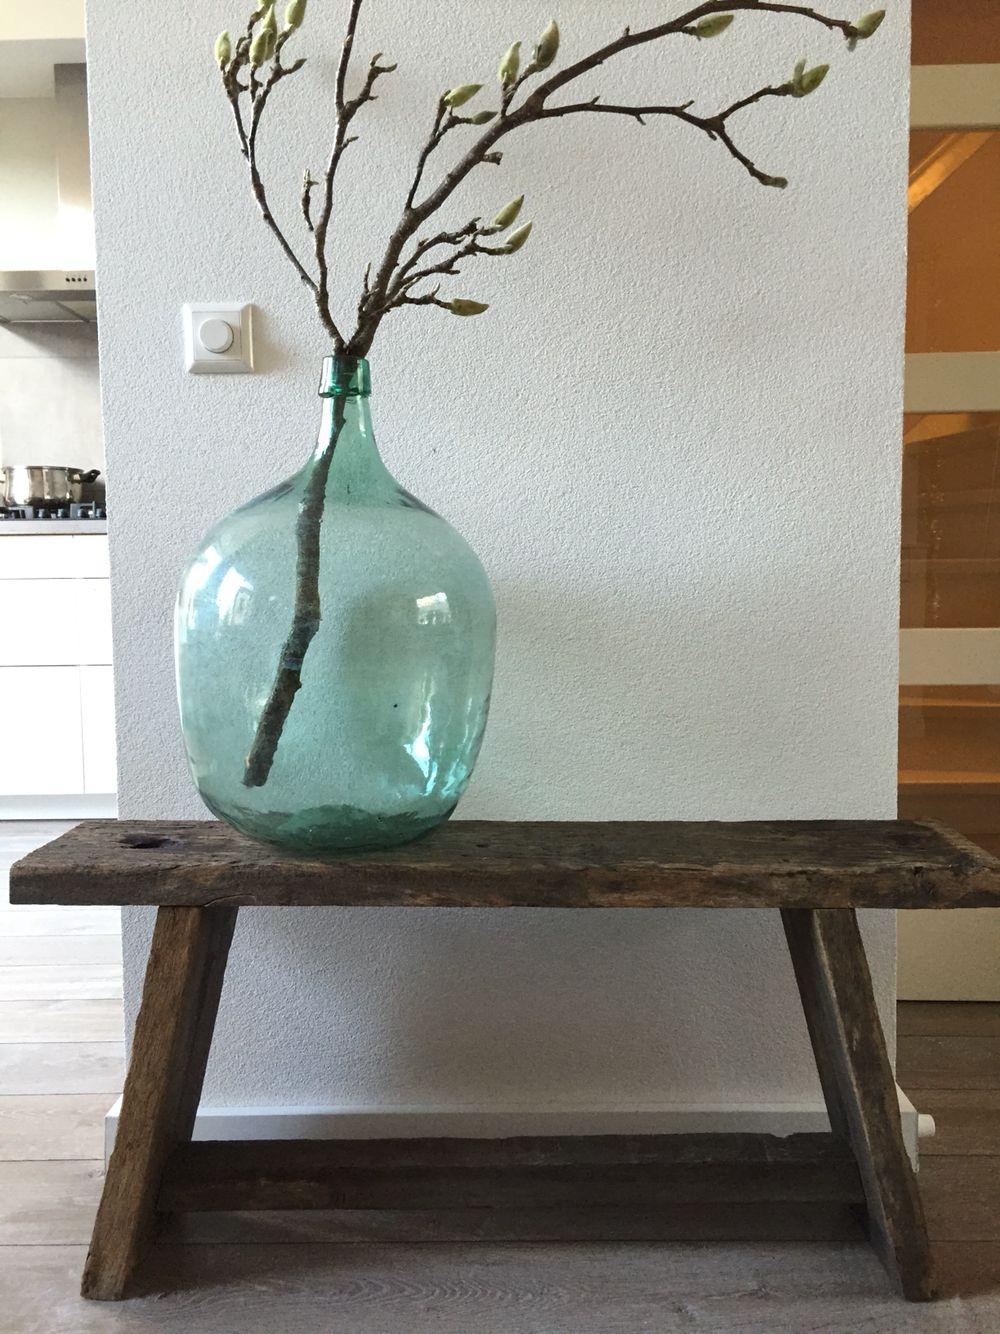 Oud Wagon Houten Bankje Self Made Huis Ideeen Decoratie Voor Het Huis Interieur